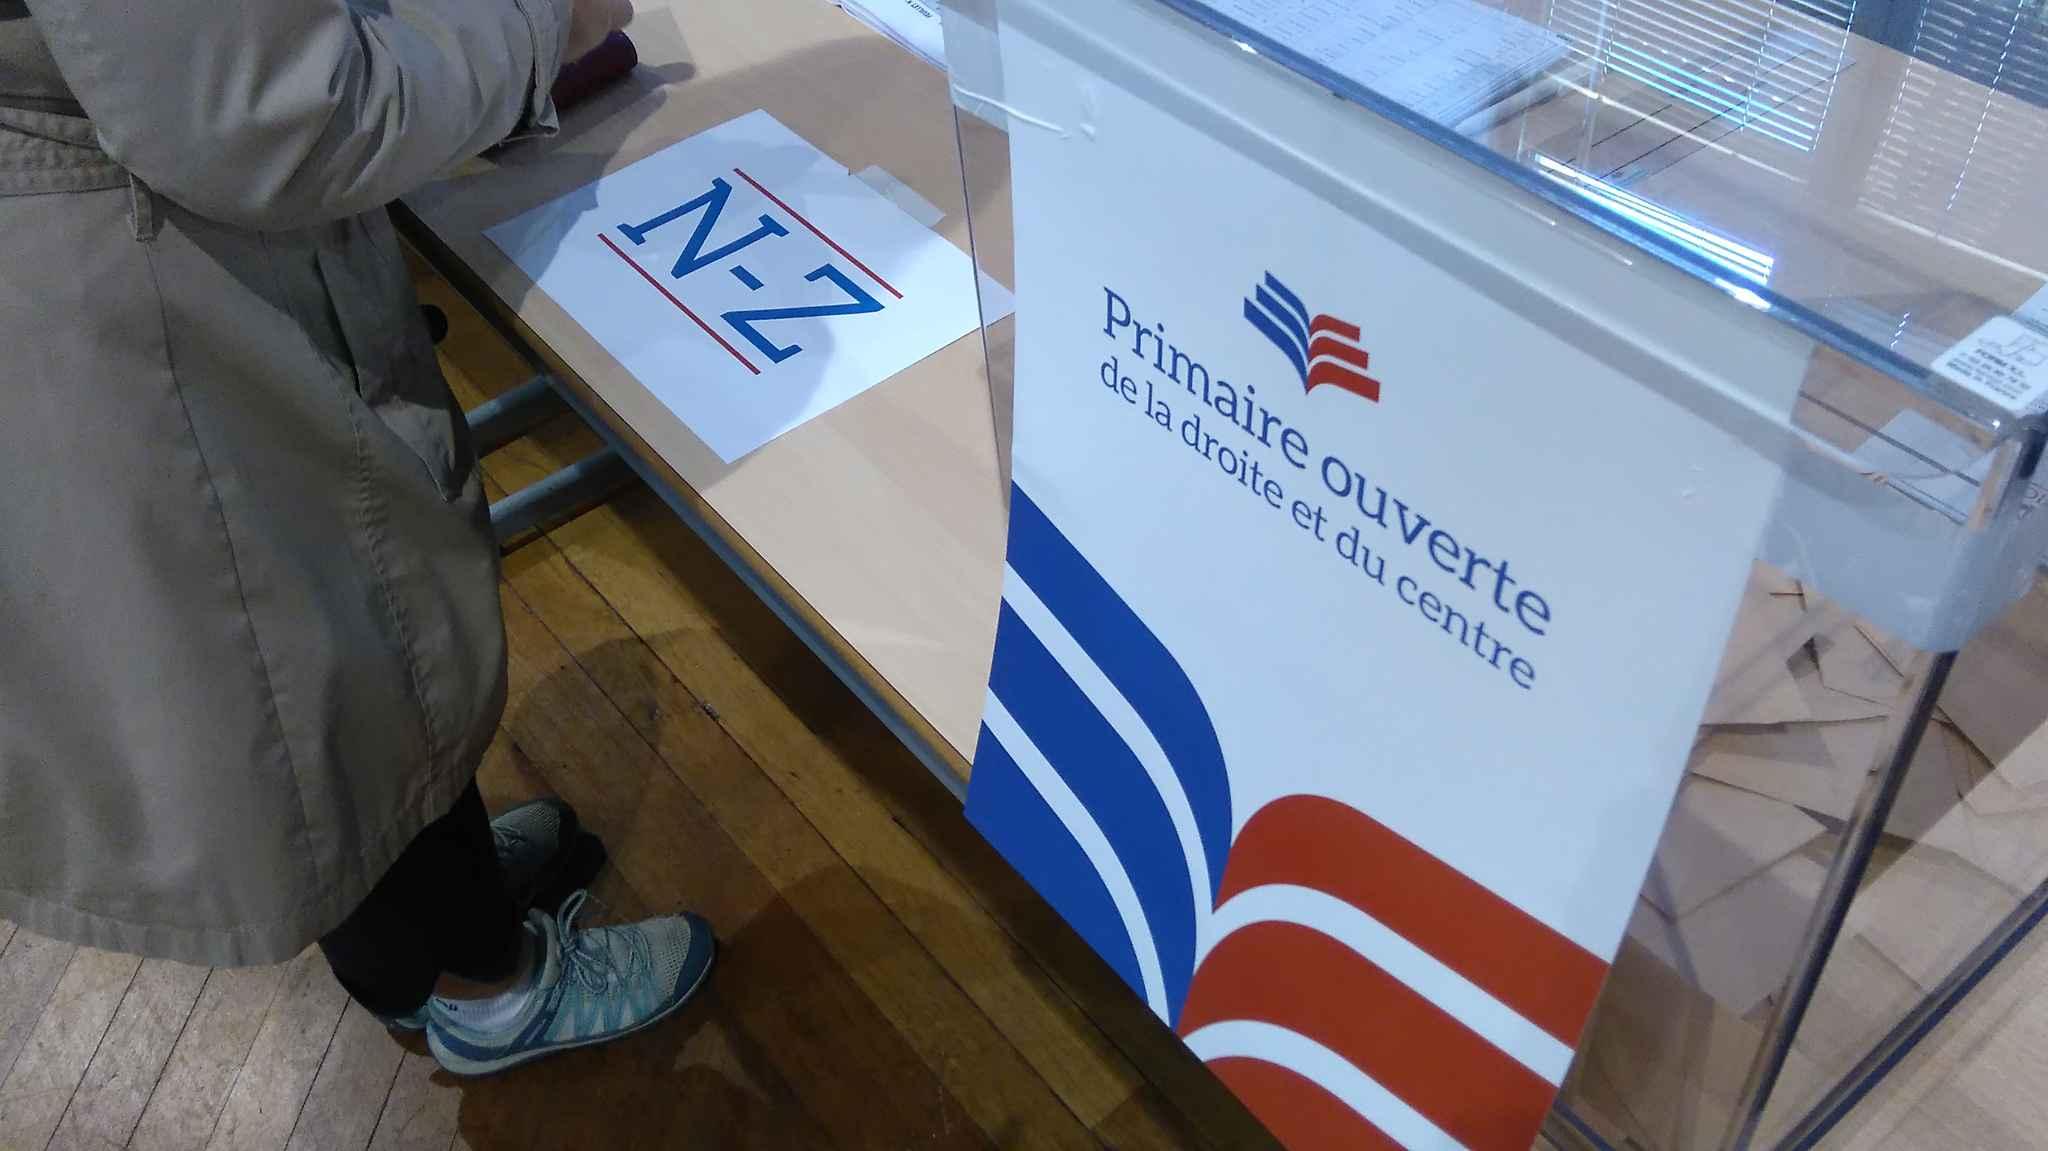 primaire 224 droite qui a vot 233 224 la primaire des hommes retrait 233 s en majorit 233